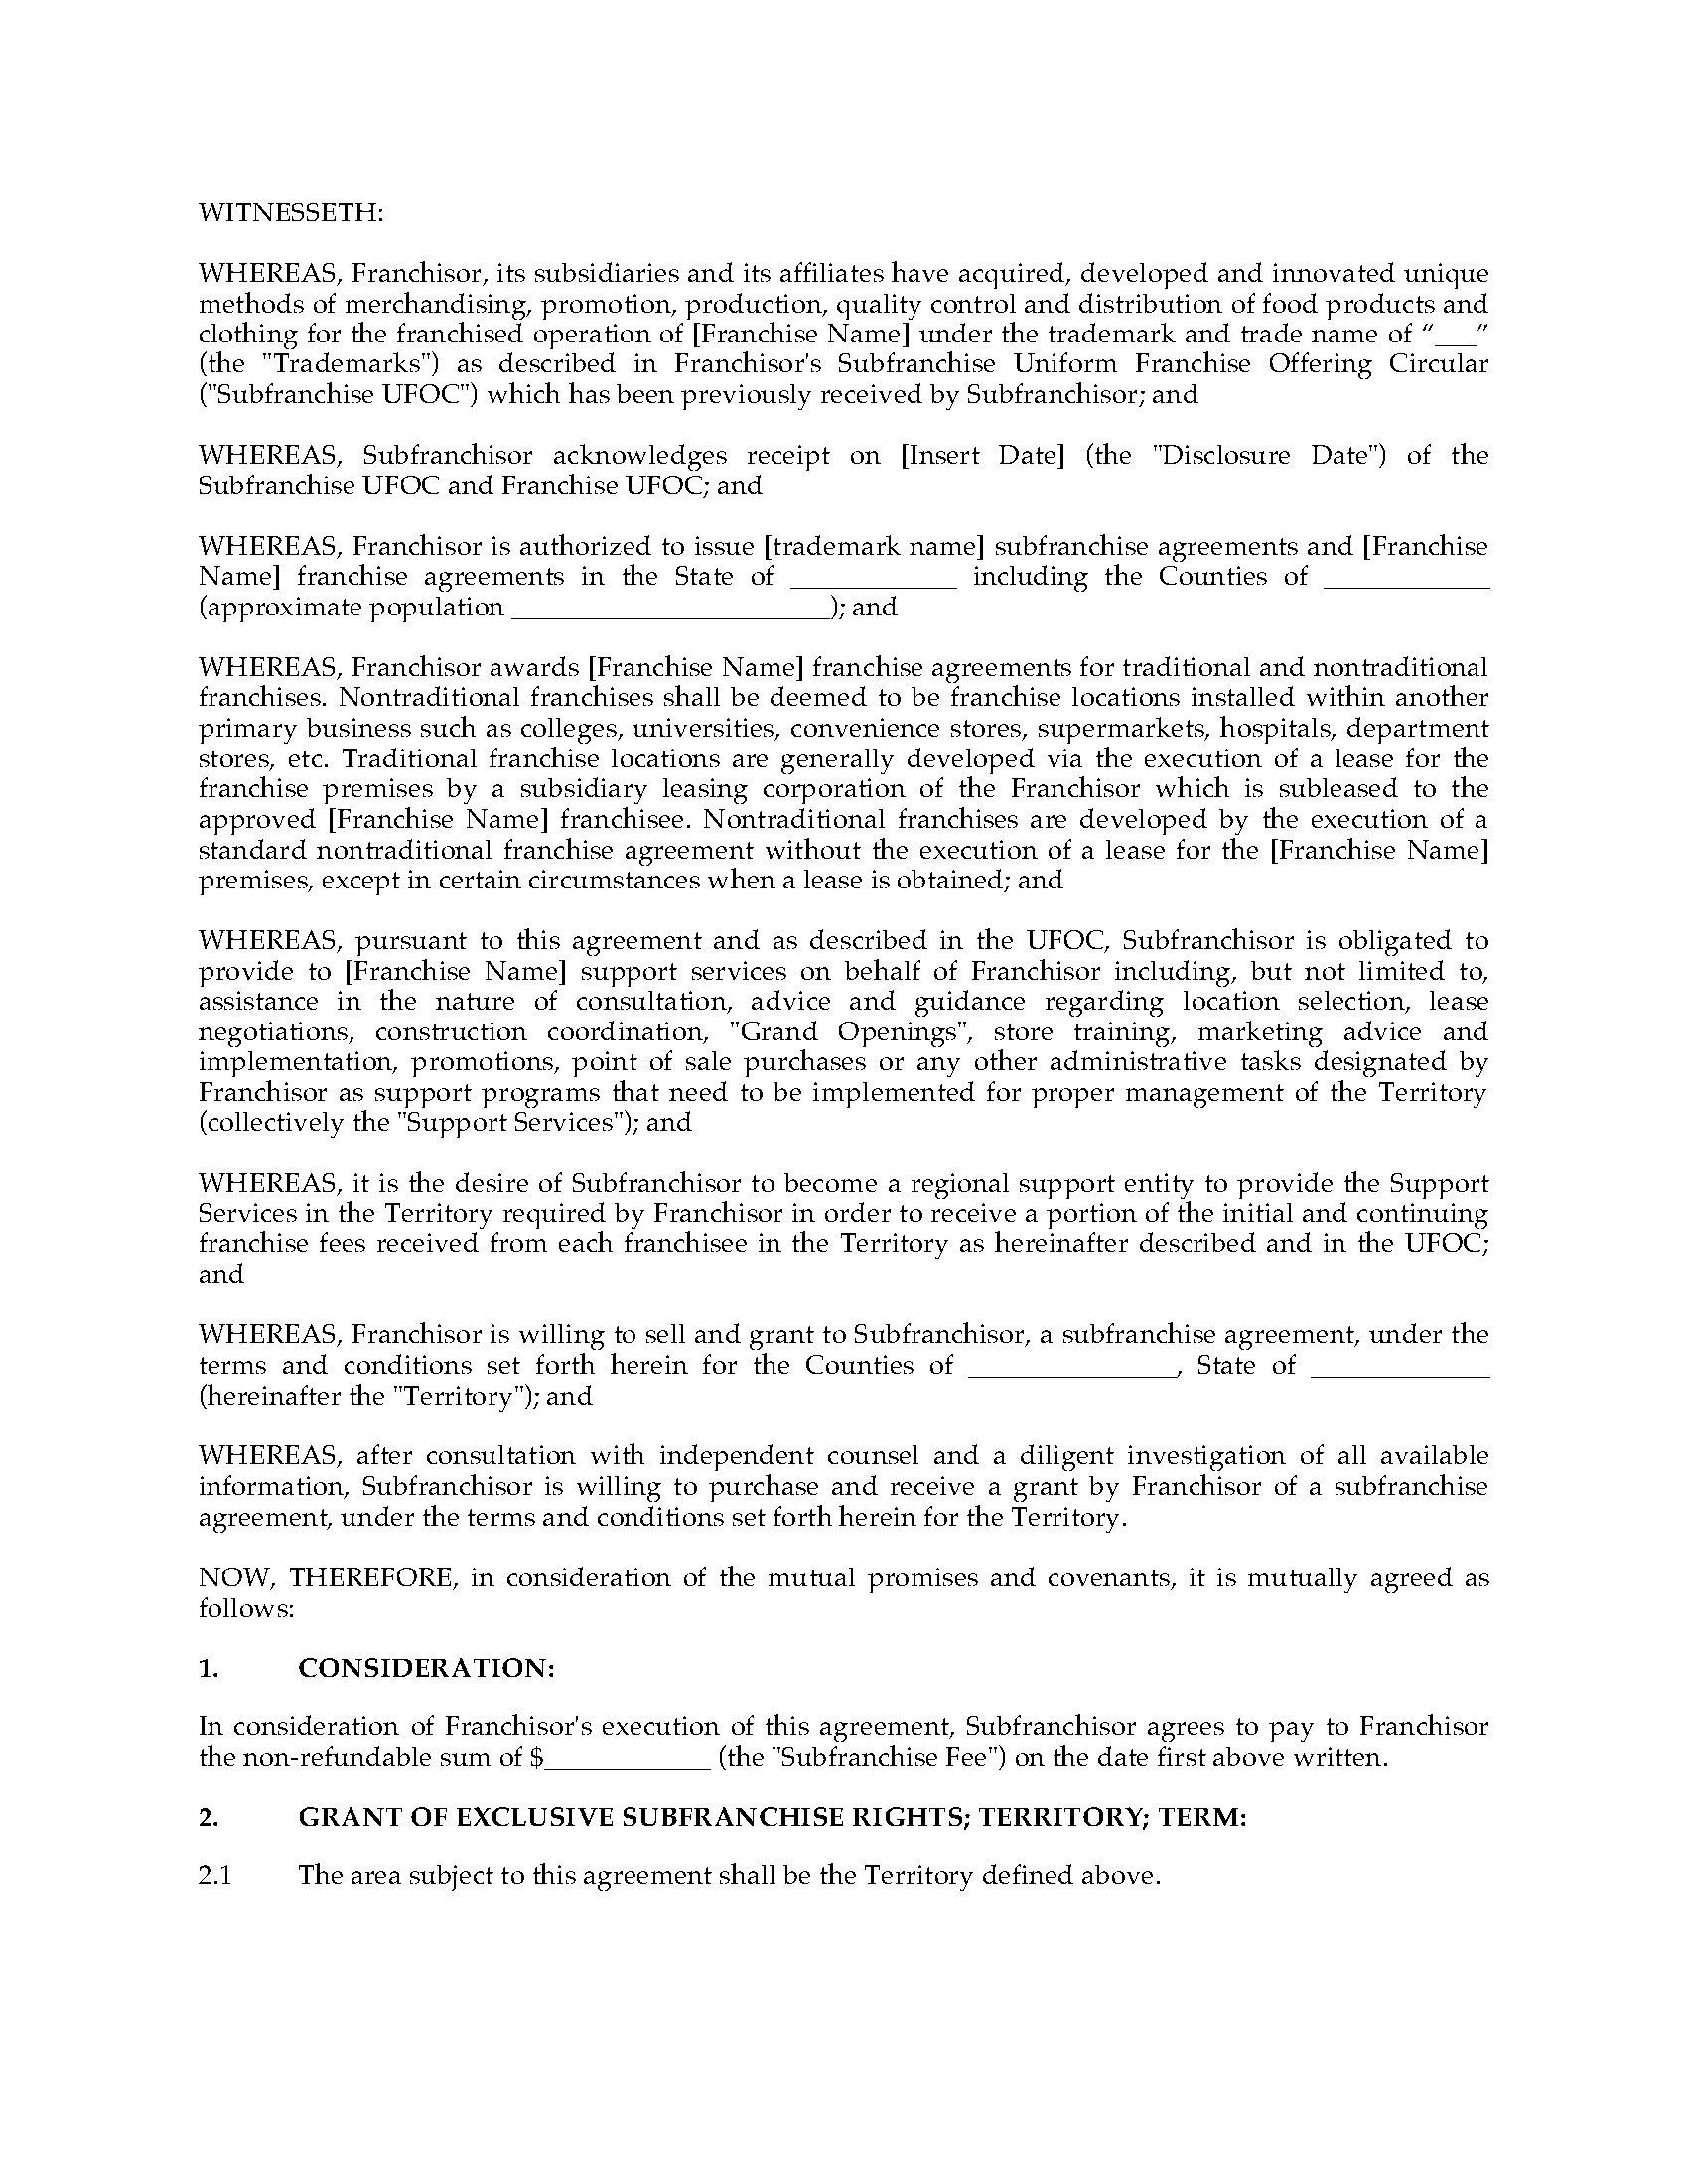 Usa sub franchise agreement for restaurant franchises legal forms picture of usa sub franchise agreement for restaurant franchises platinumwayz